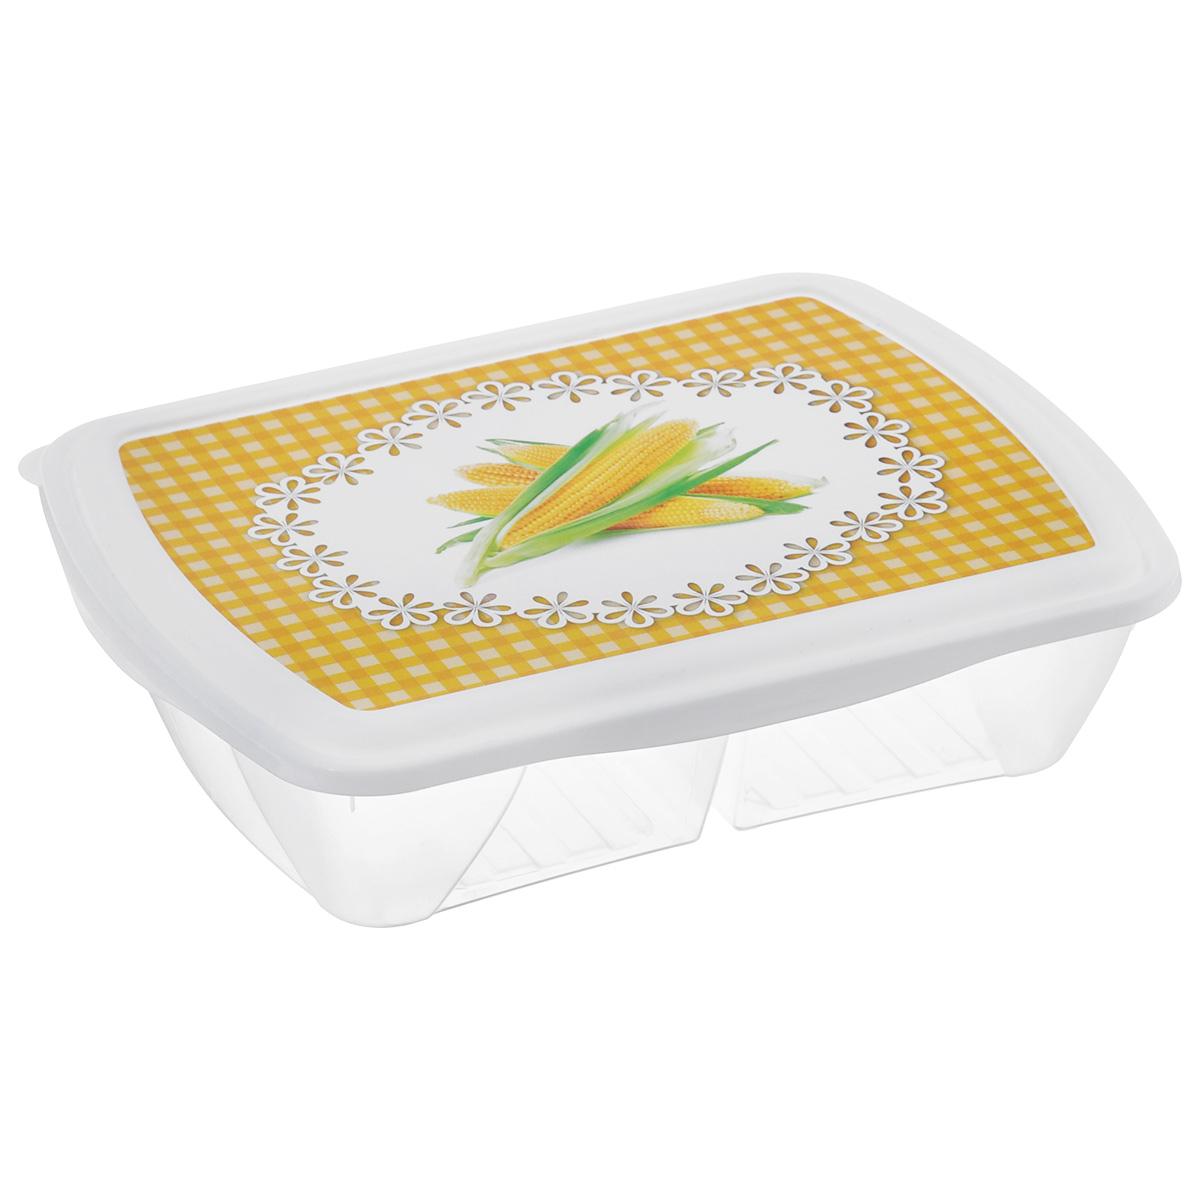 Контейнер двухсекционный Phibo Рондо. Кукуруза, 1,25 лС11737Контейнер Phibo Рондо изготовлен из пищевого пластика, устойчивого к высоким температурам. Крышка плотно закрывается, дольше сохраняя еду свежей и вкусной. Контейнер снабжен 2 секциями, которые позволяют хранить сразу несколько продуктов или блюд. Такой контейнер удобно брать с собой на работу, учебу, пикник или просто использовать для хранения продуктов в холодильнике. Подходит для разогрева пищи в микроволновой печи и для заморозки в морозильной камере. Можно мыть в посудомоечной машине.